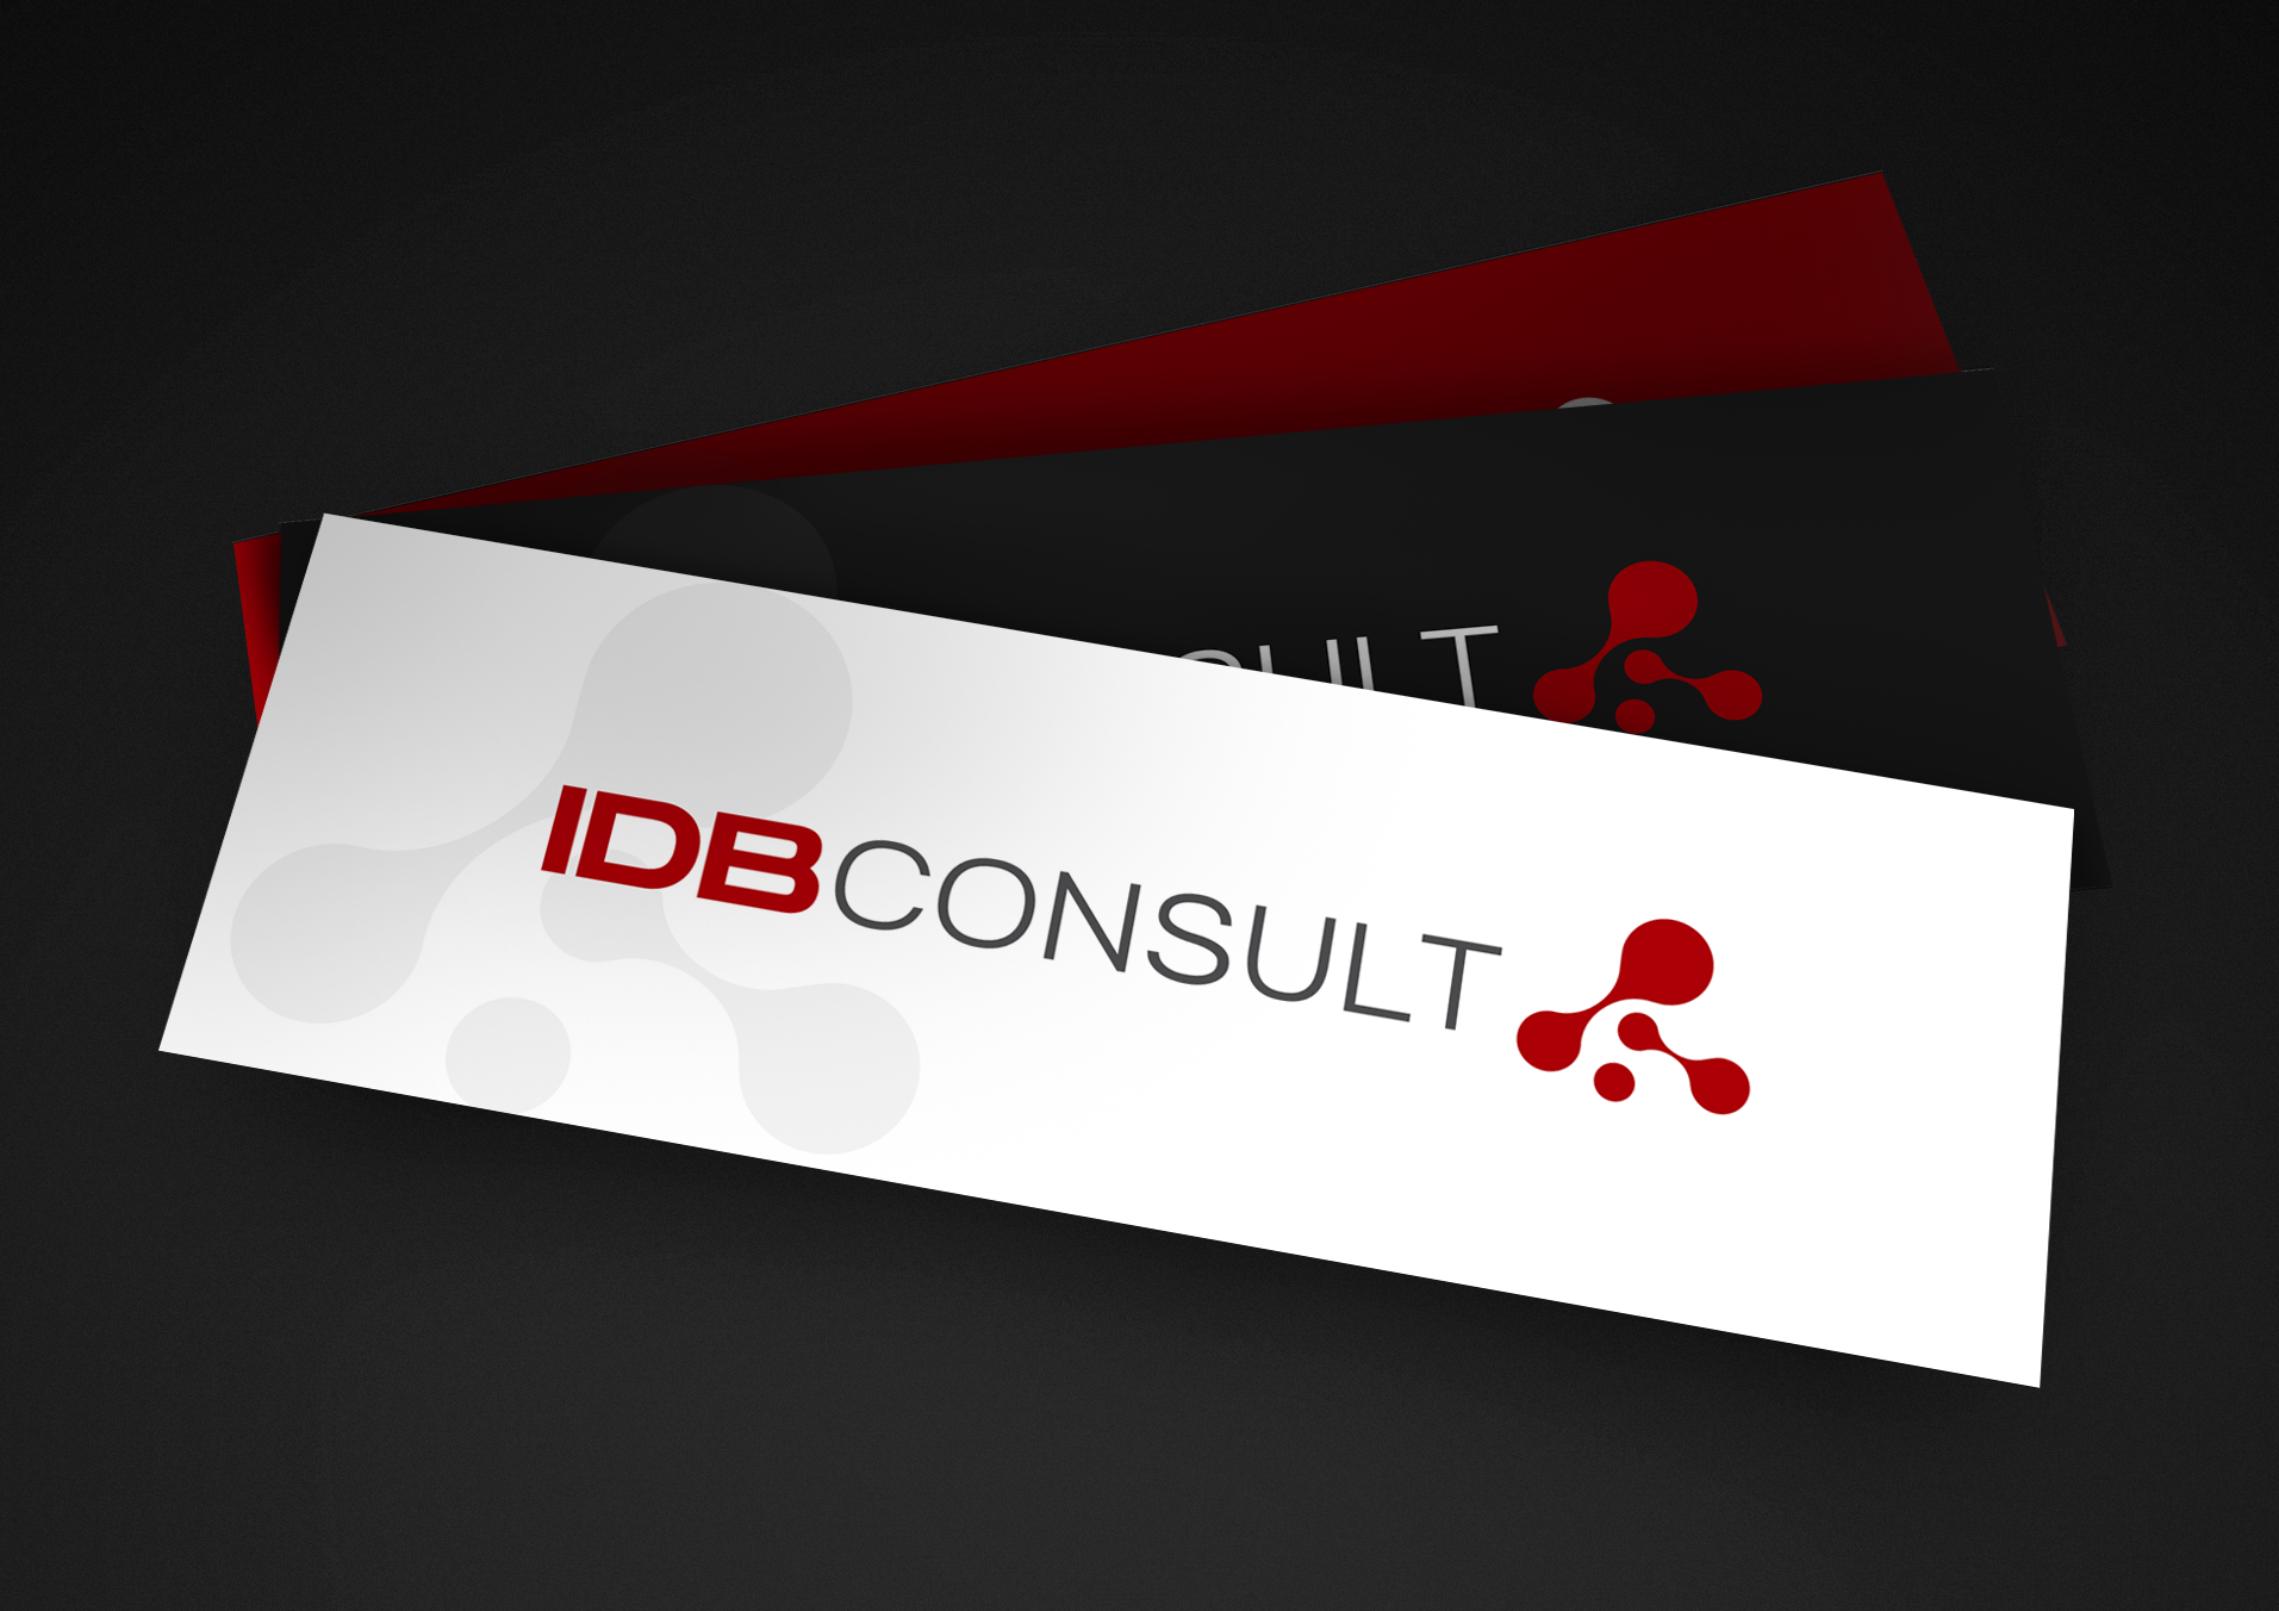 IDB Consult